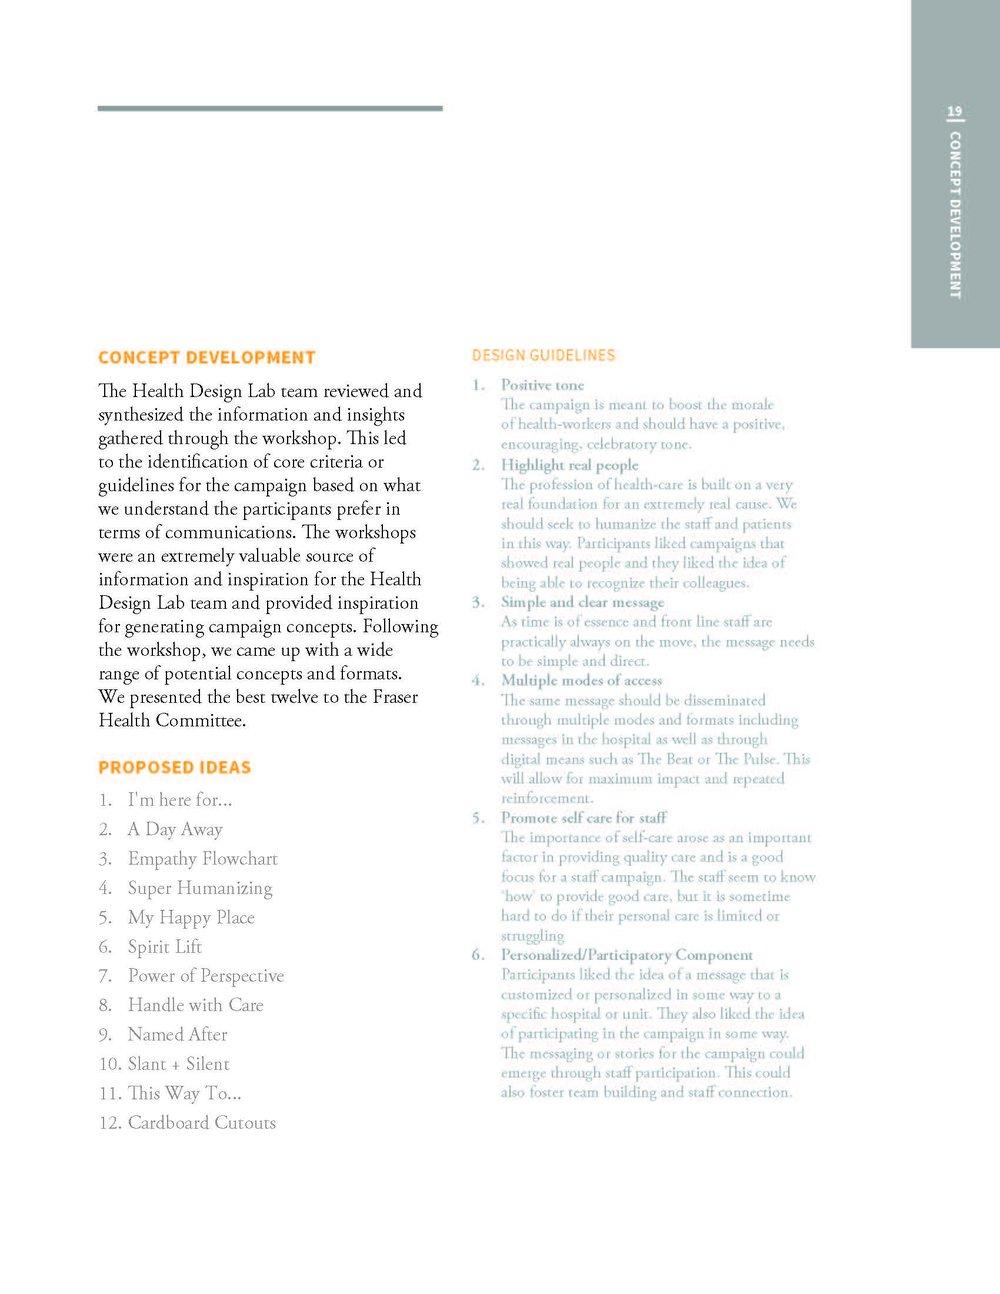 Copy of HDL_Fraser_Health_V4_Page_19.jpg